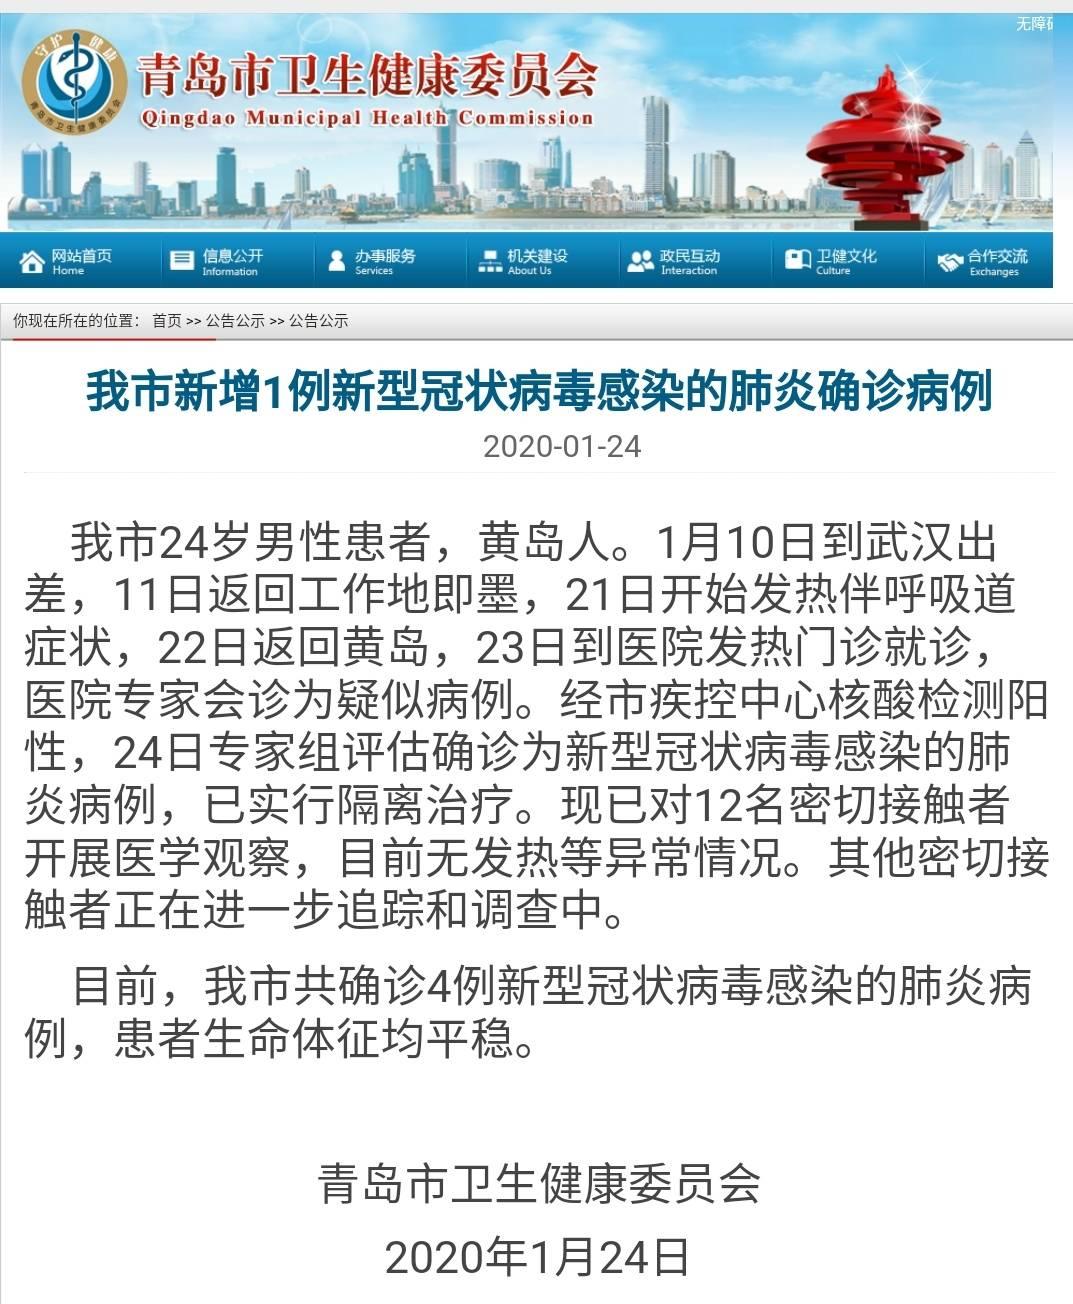 青岛市新增1例新型冠状病毒感染的肺炎确诊病例